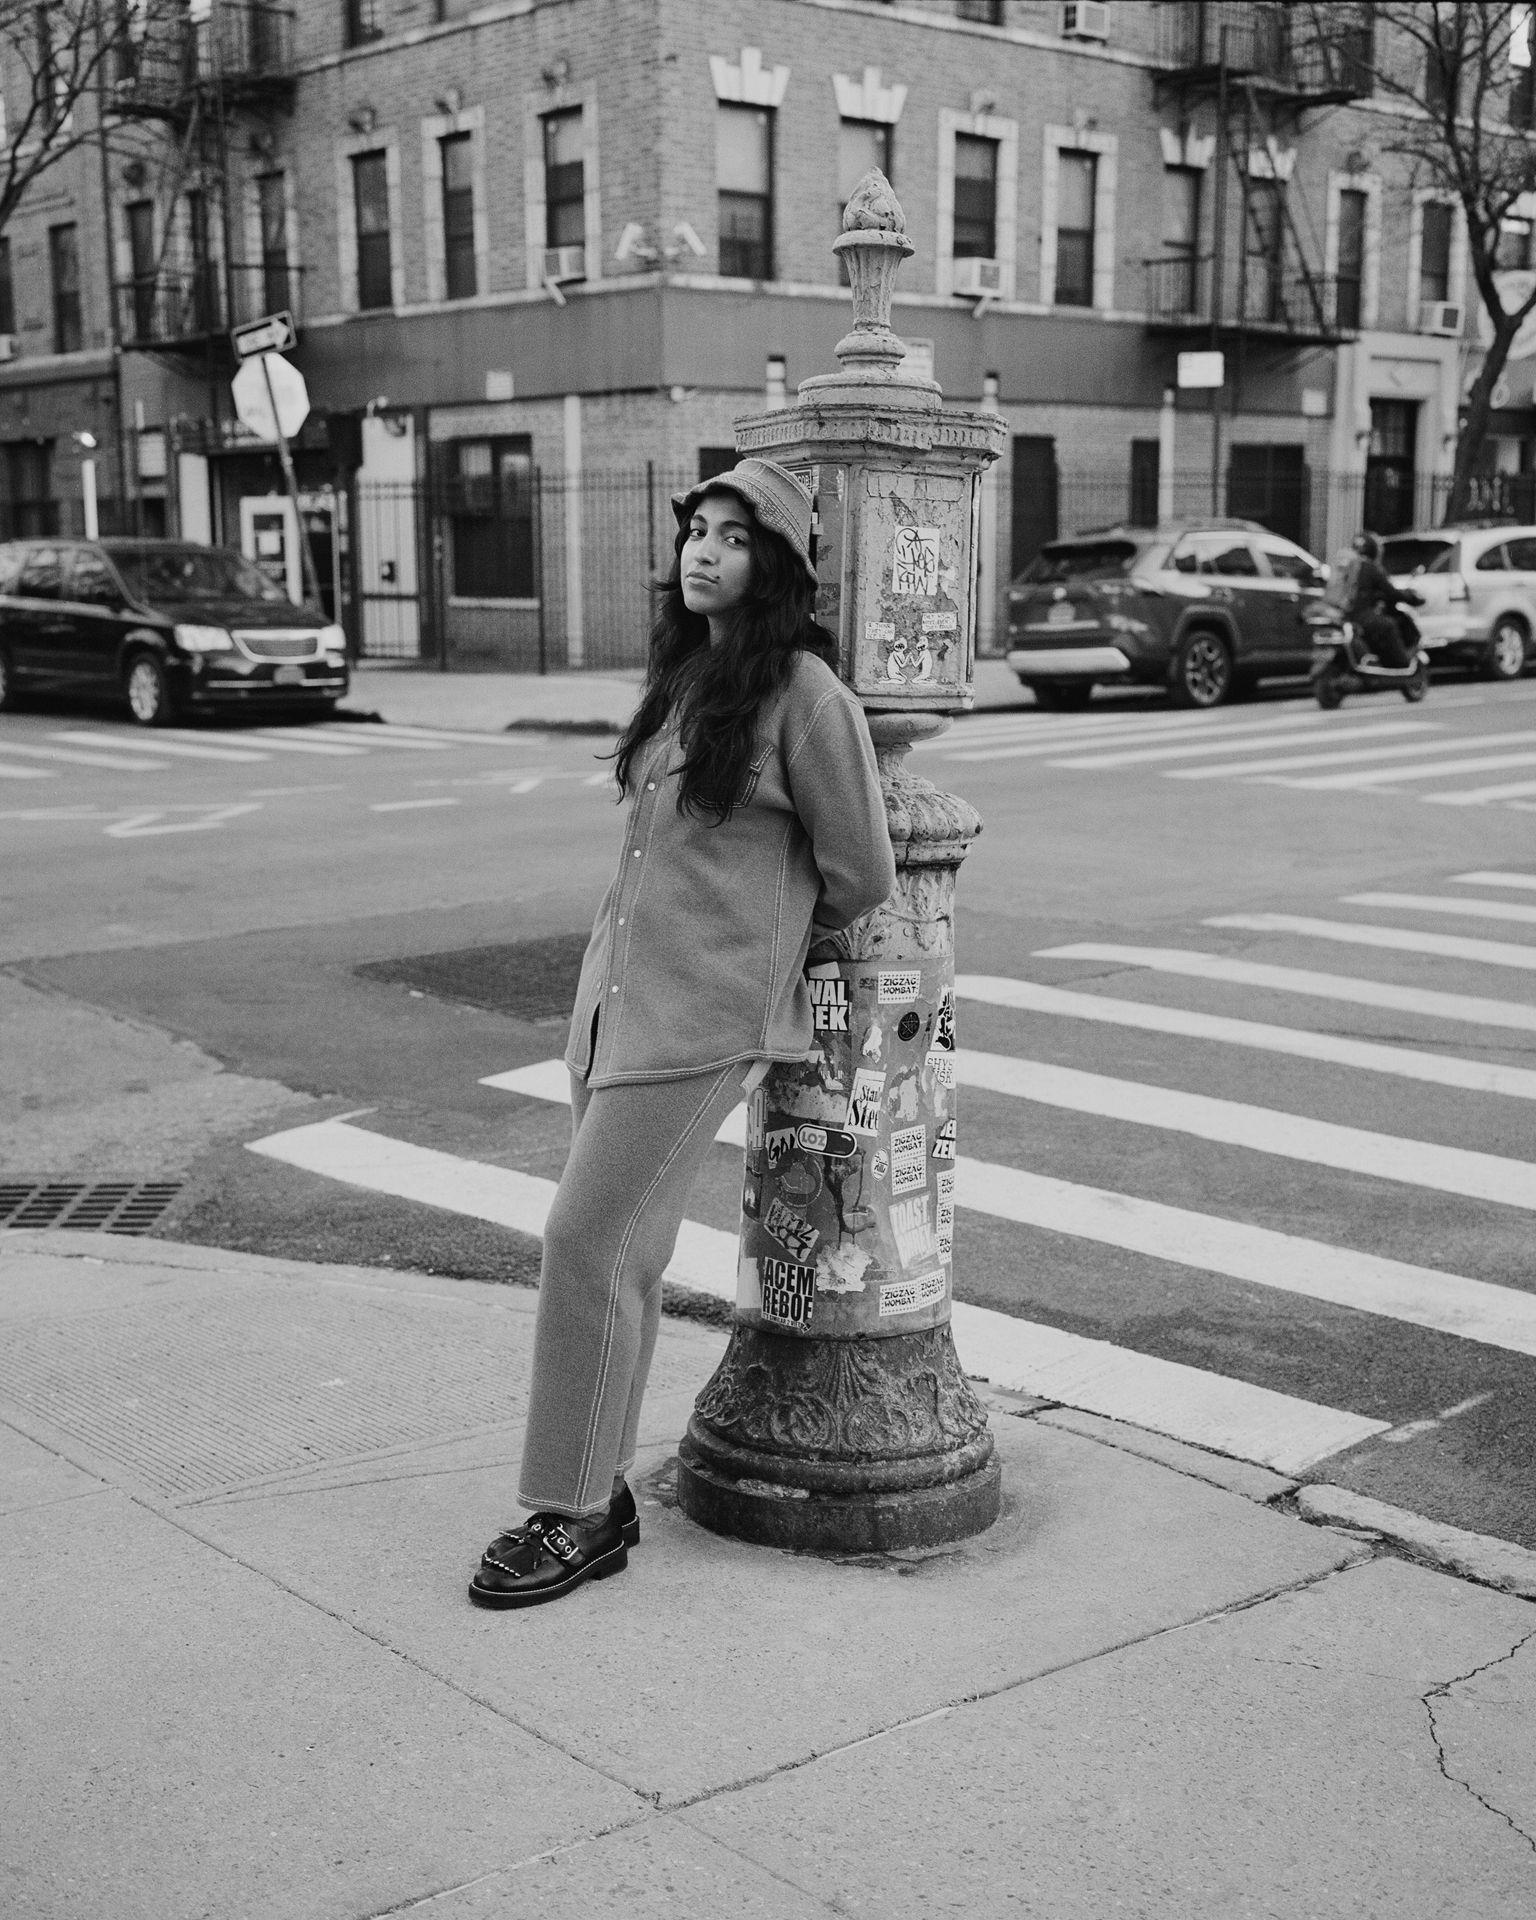 Femme Accoté Sur Poteau Photo Noir Et Blanc New York